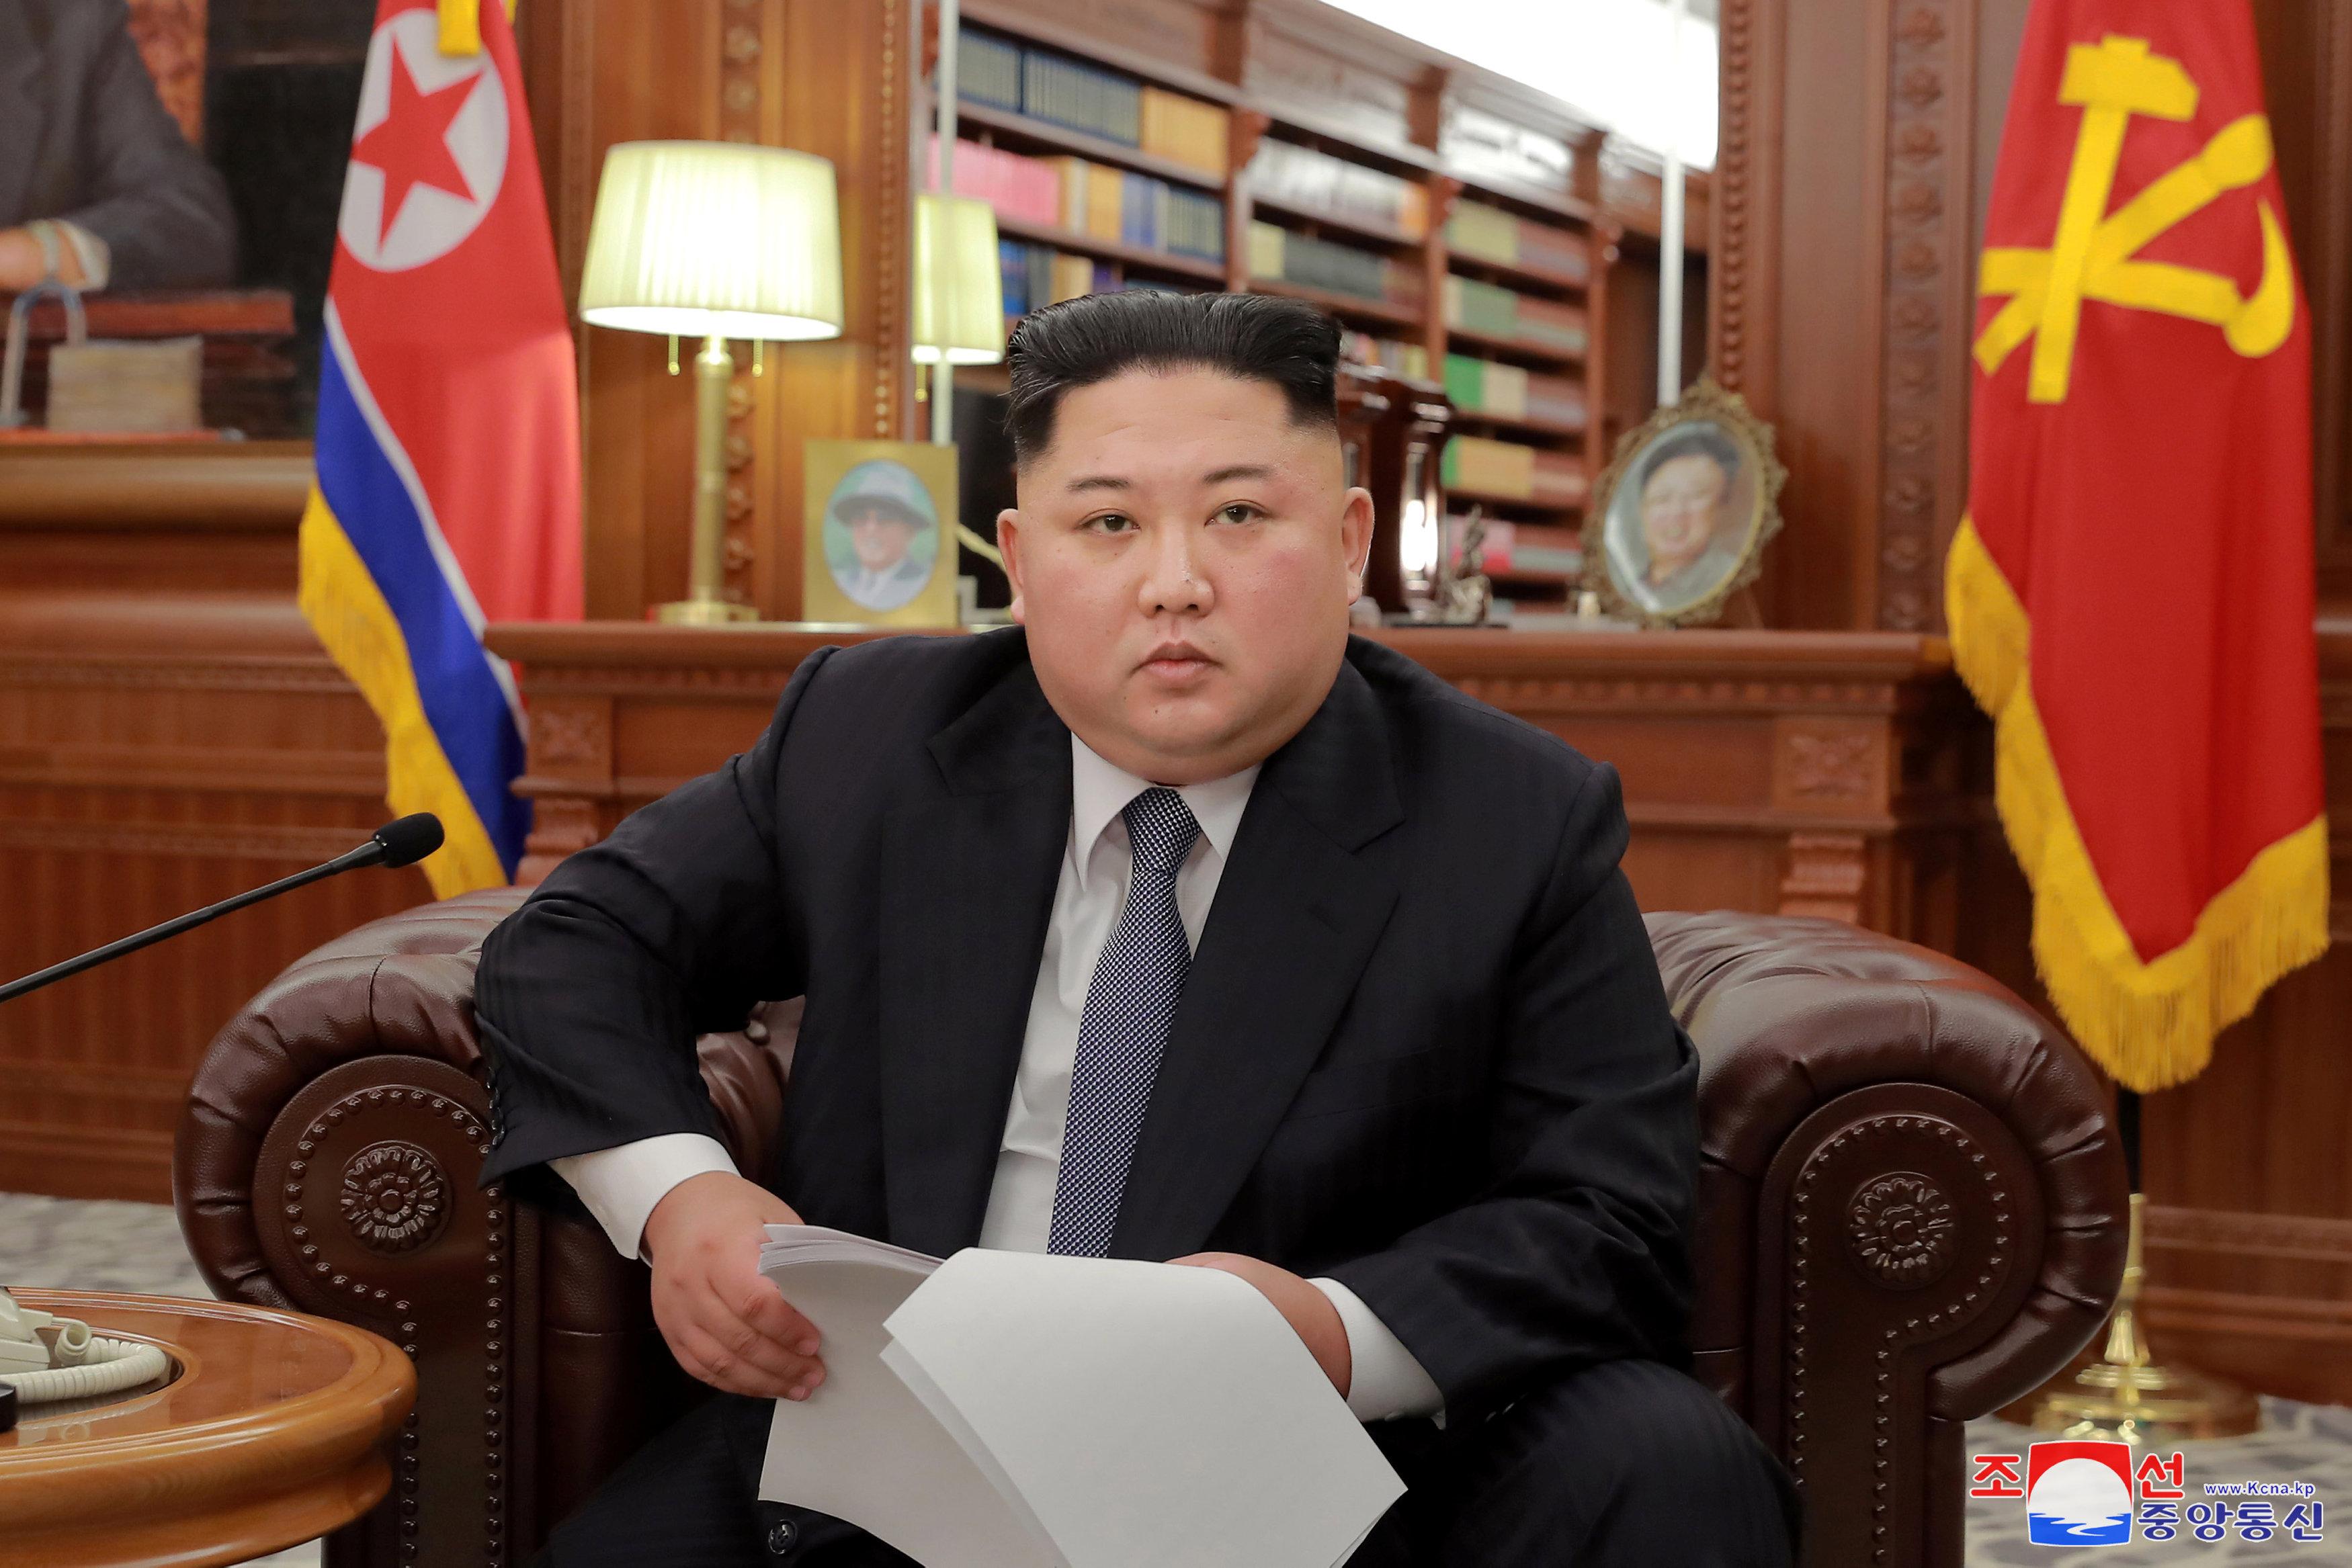 Kim plantea cambiar de actitud si EEUU mantiene sanciones